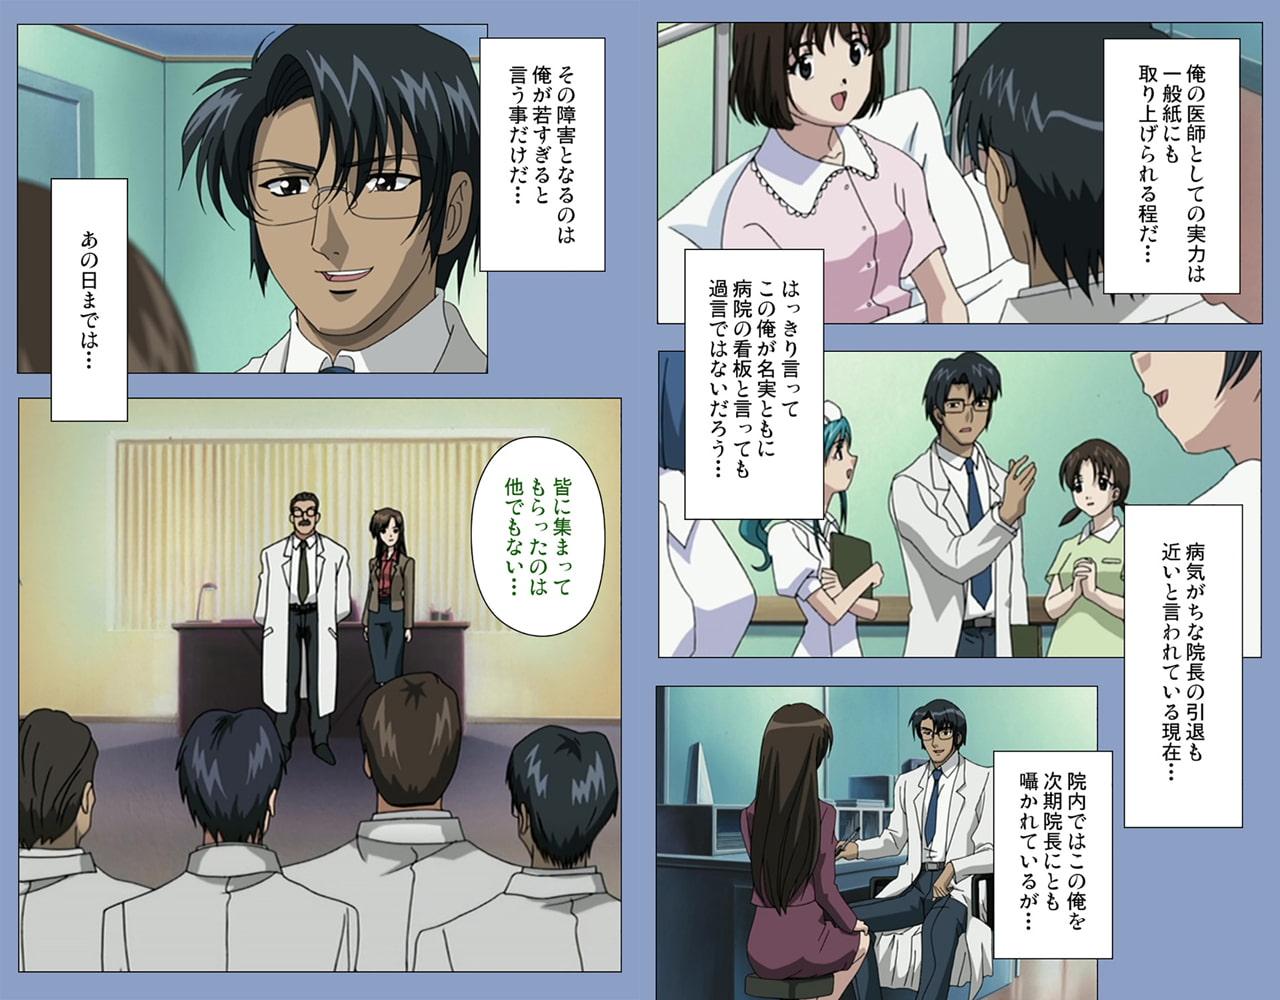 【フルカラー成人版】淫獄病棟 第三話